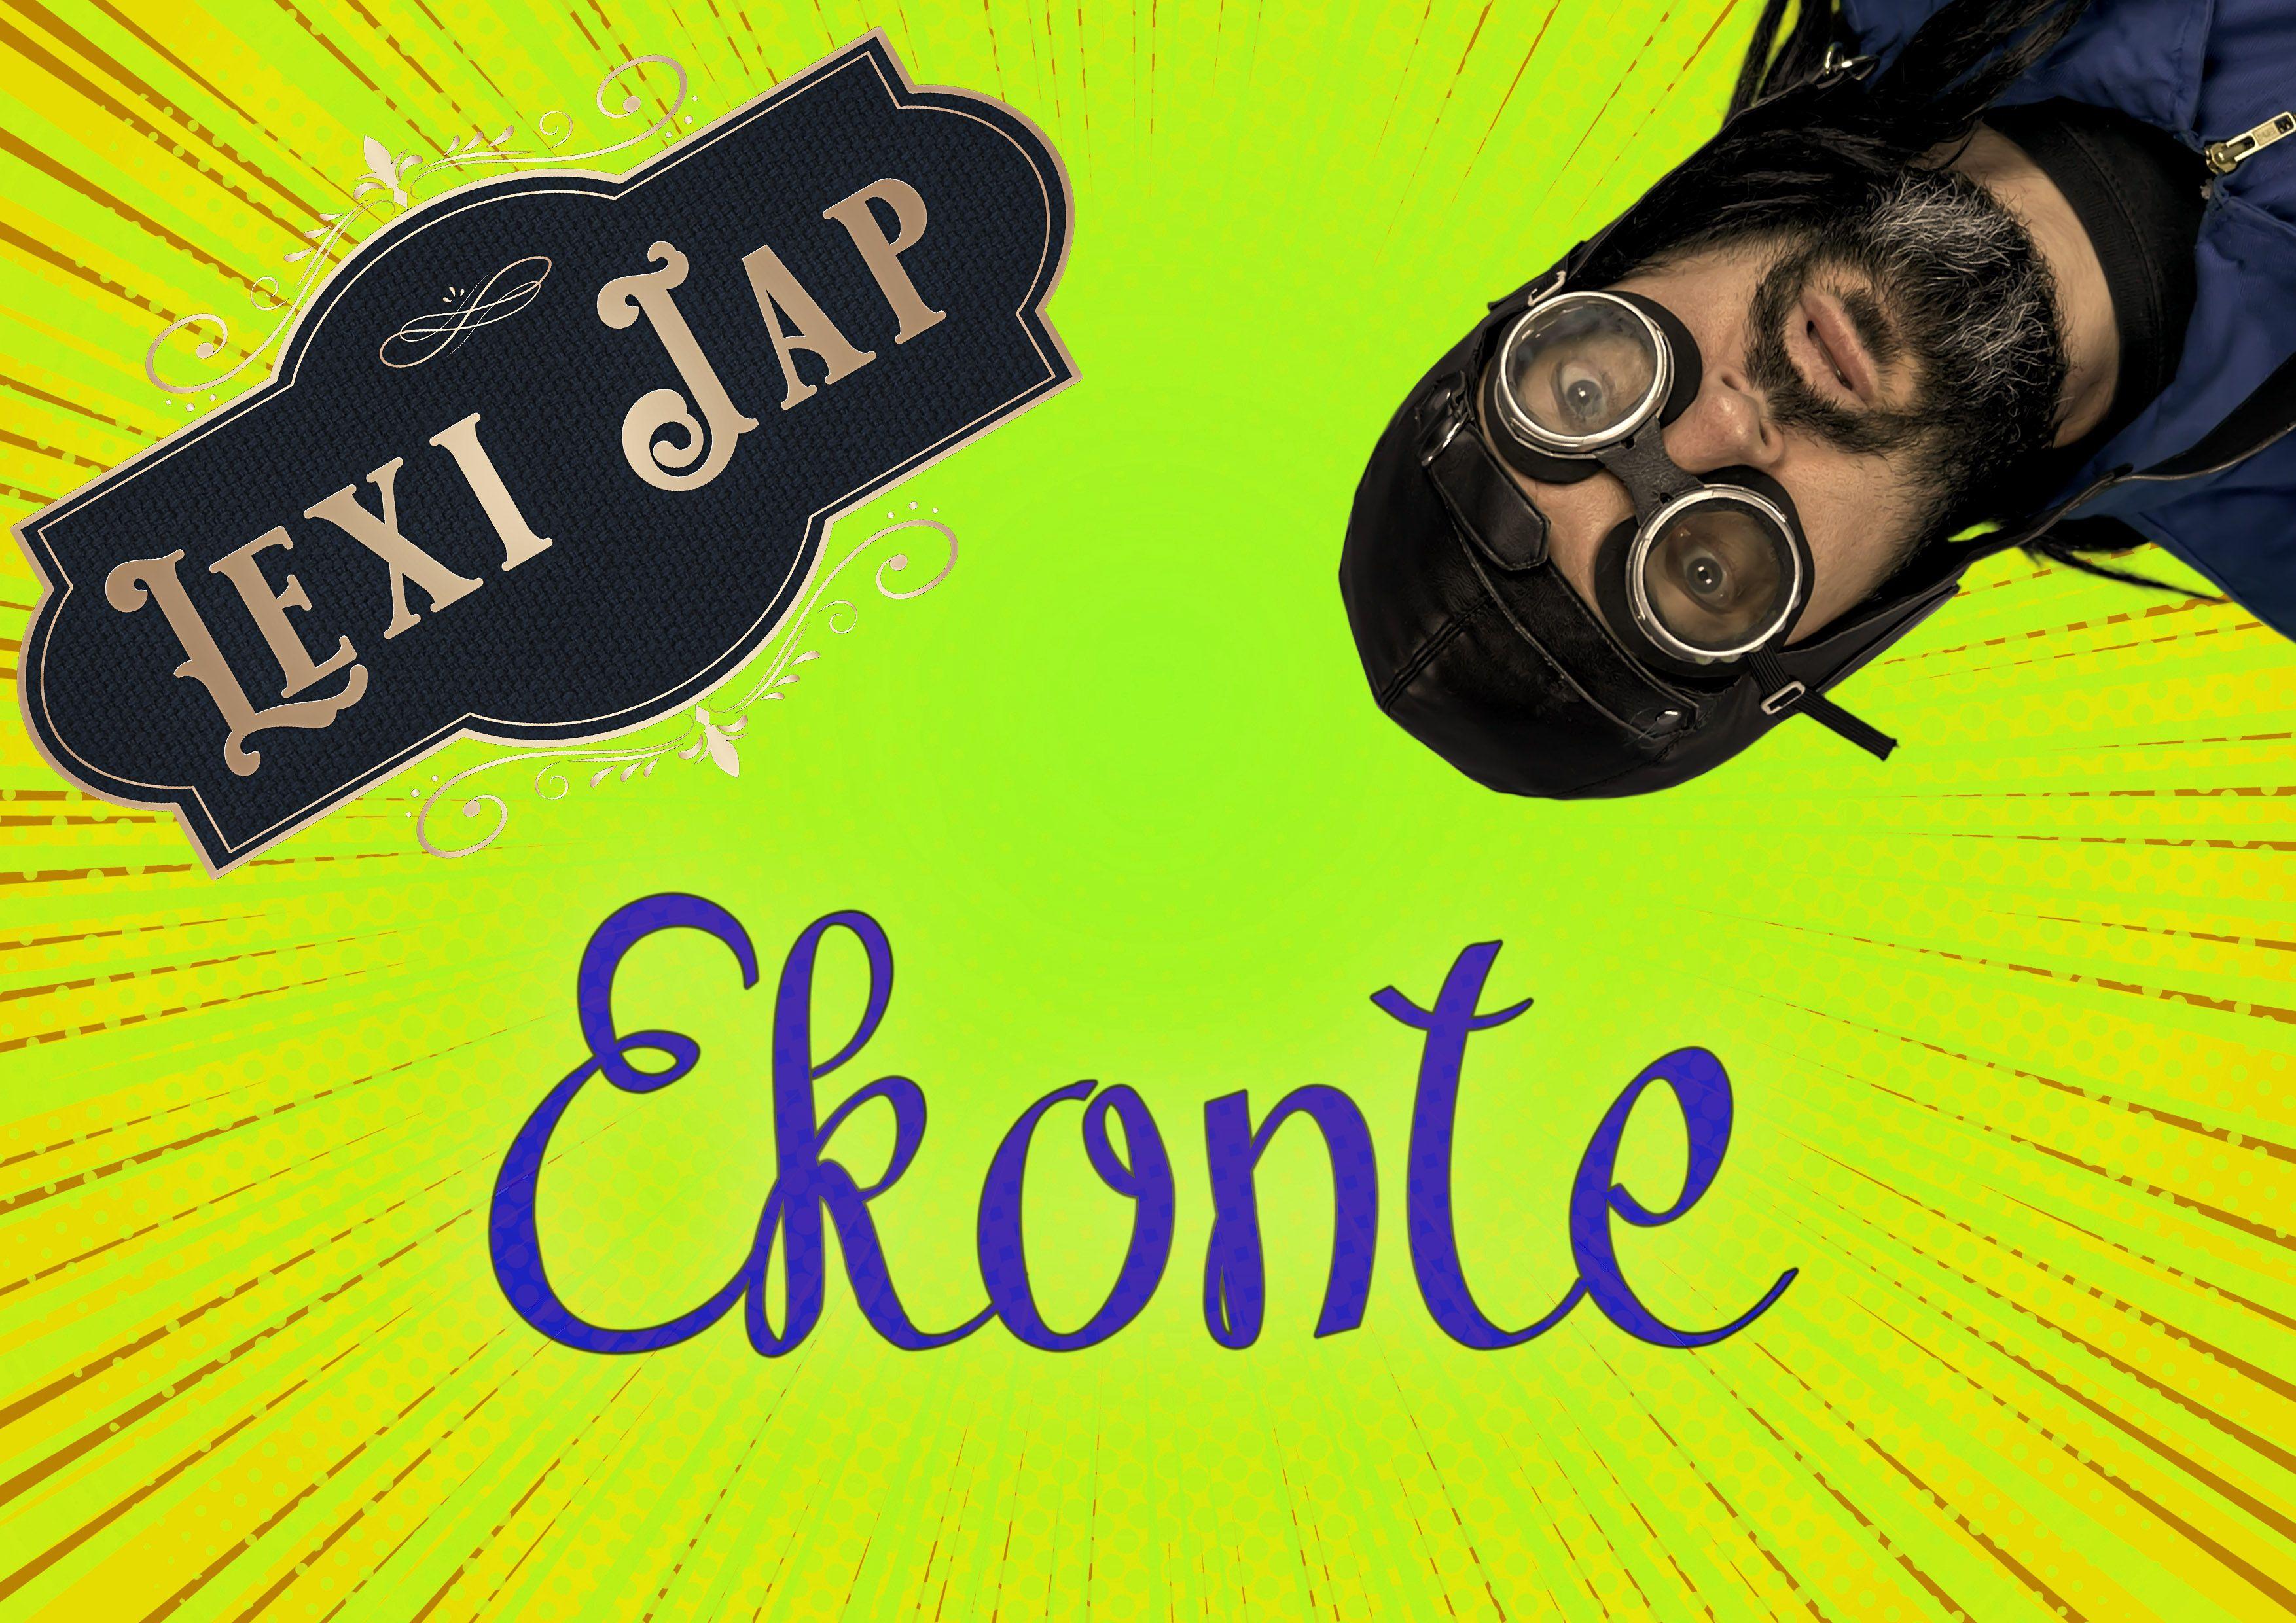 LexiJap-Ekonte.jpg